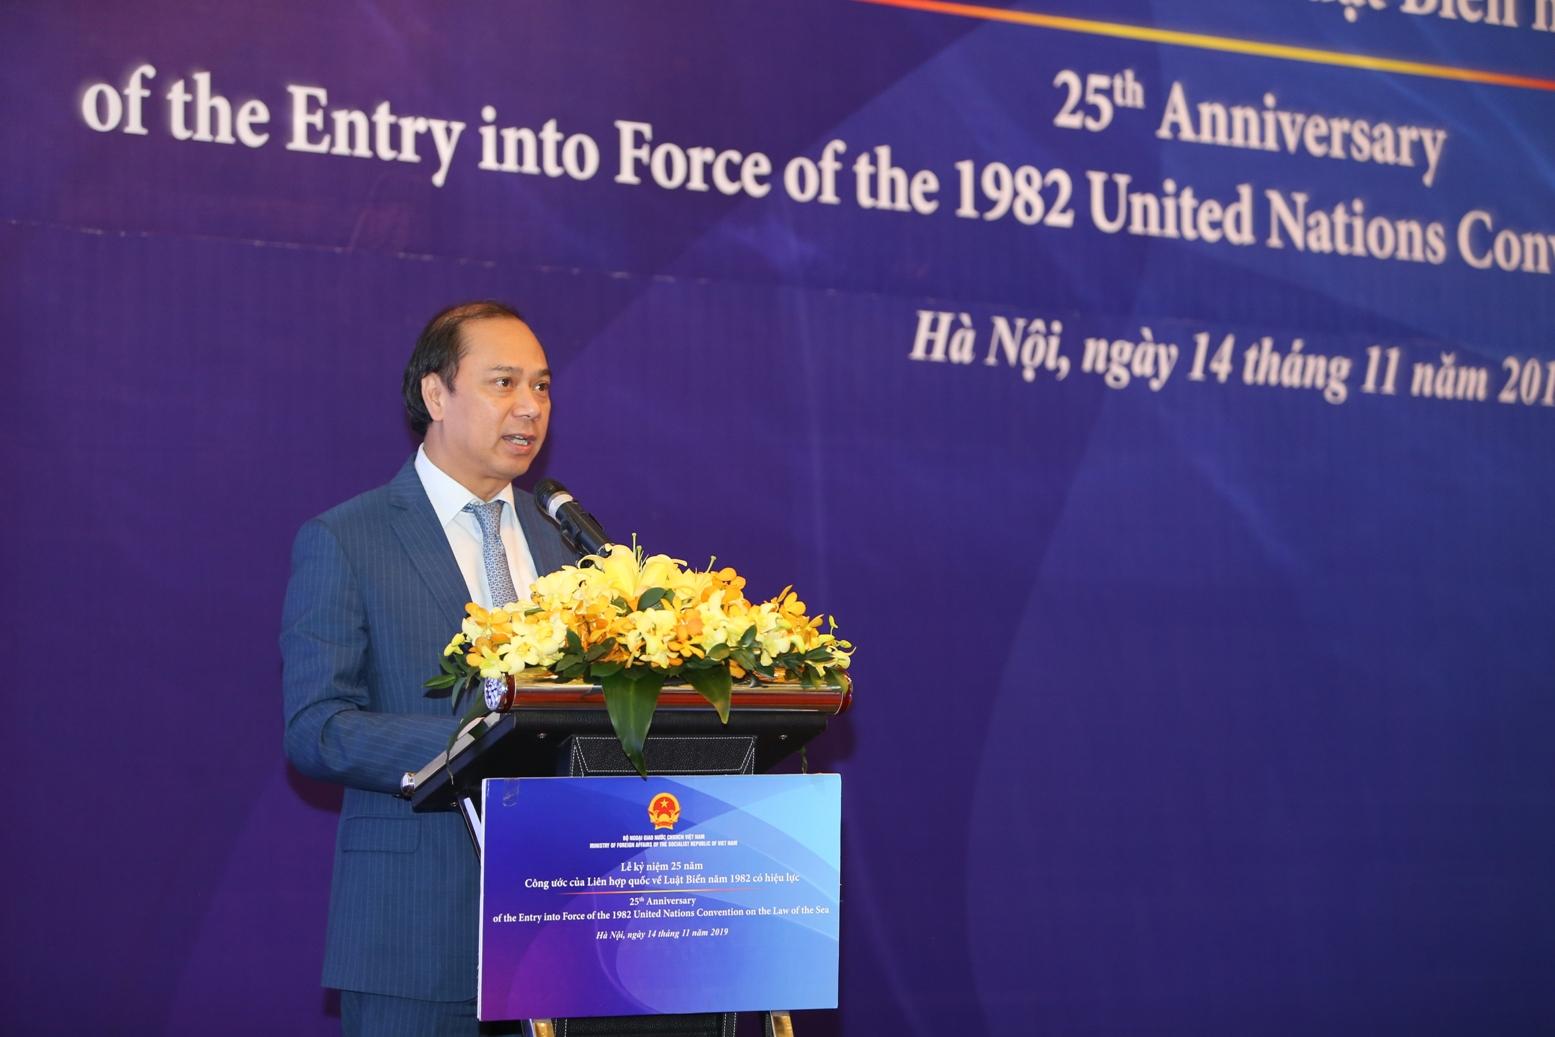 Việt Nam đề cao tôn chỉ và mục tiêu của Công ước của Liên hợp quốc về Luật Biển 1982